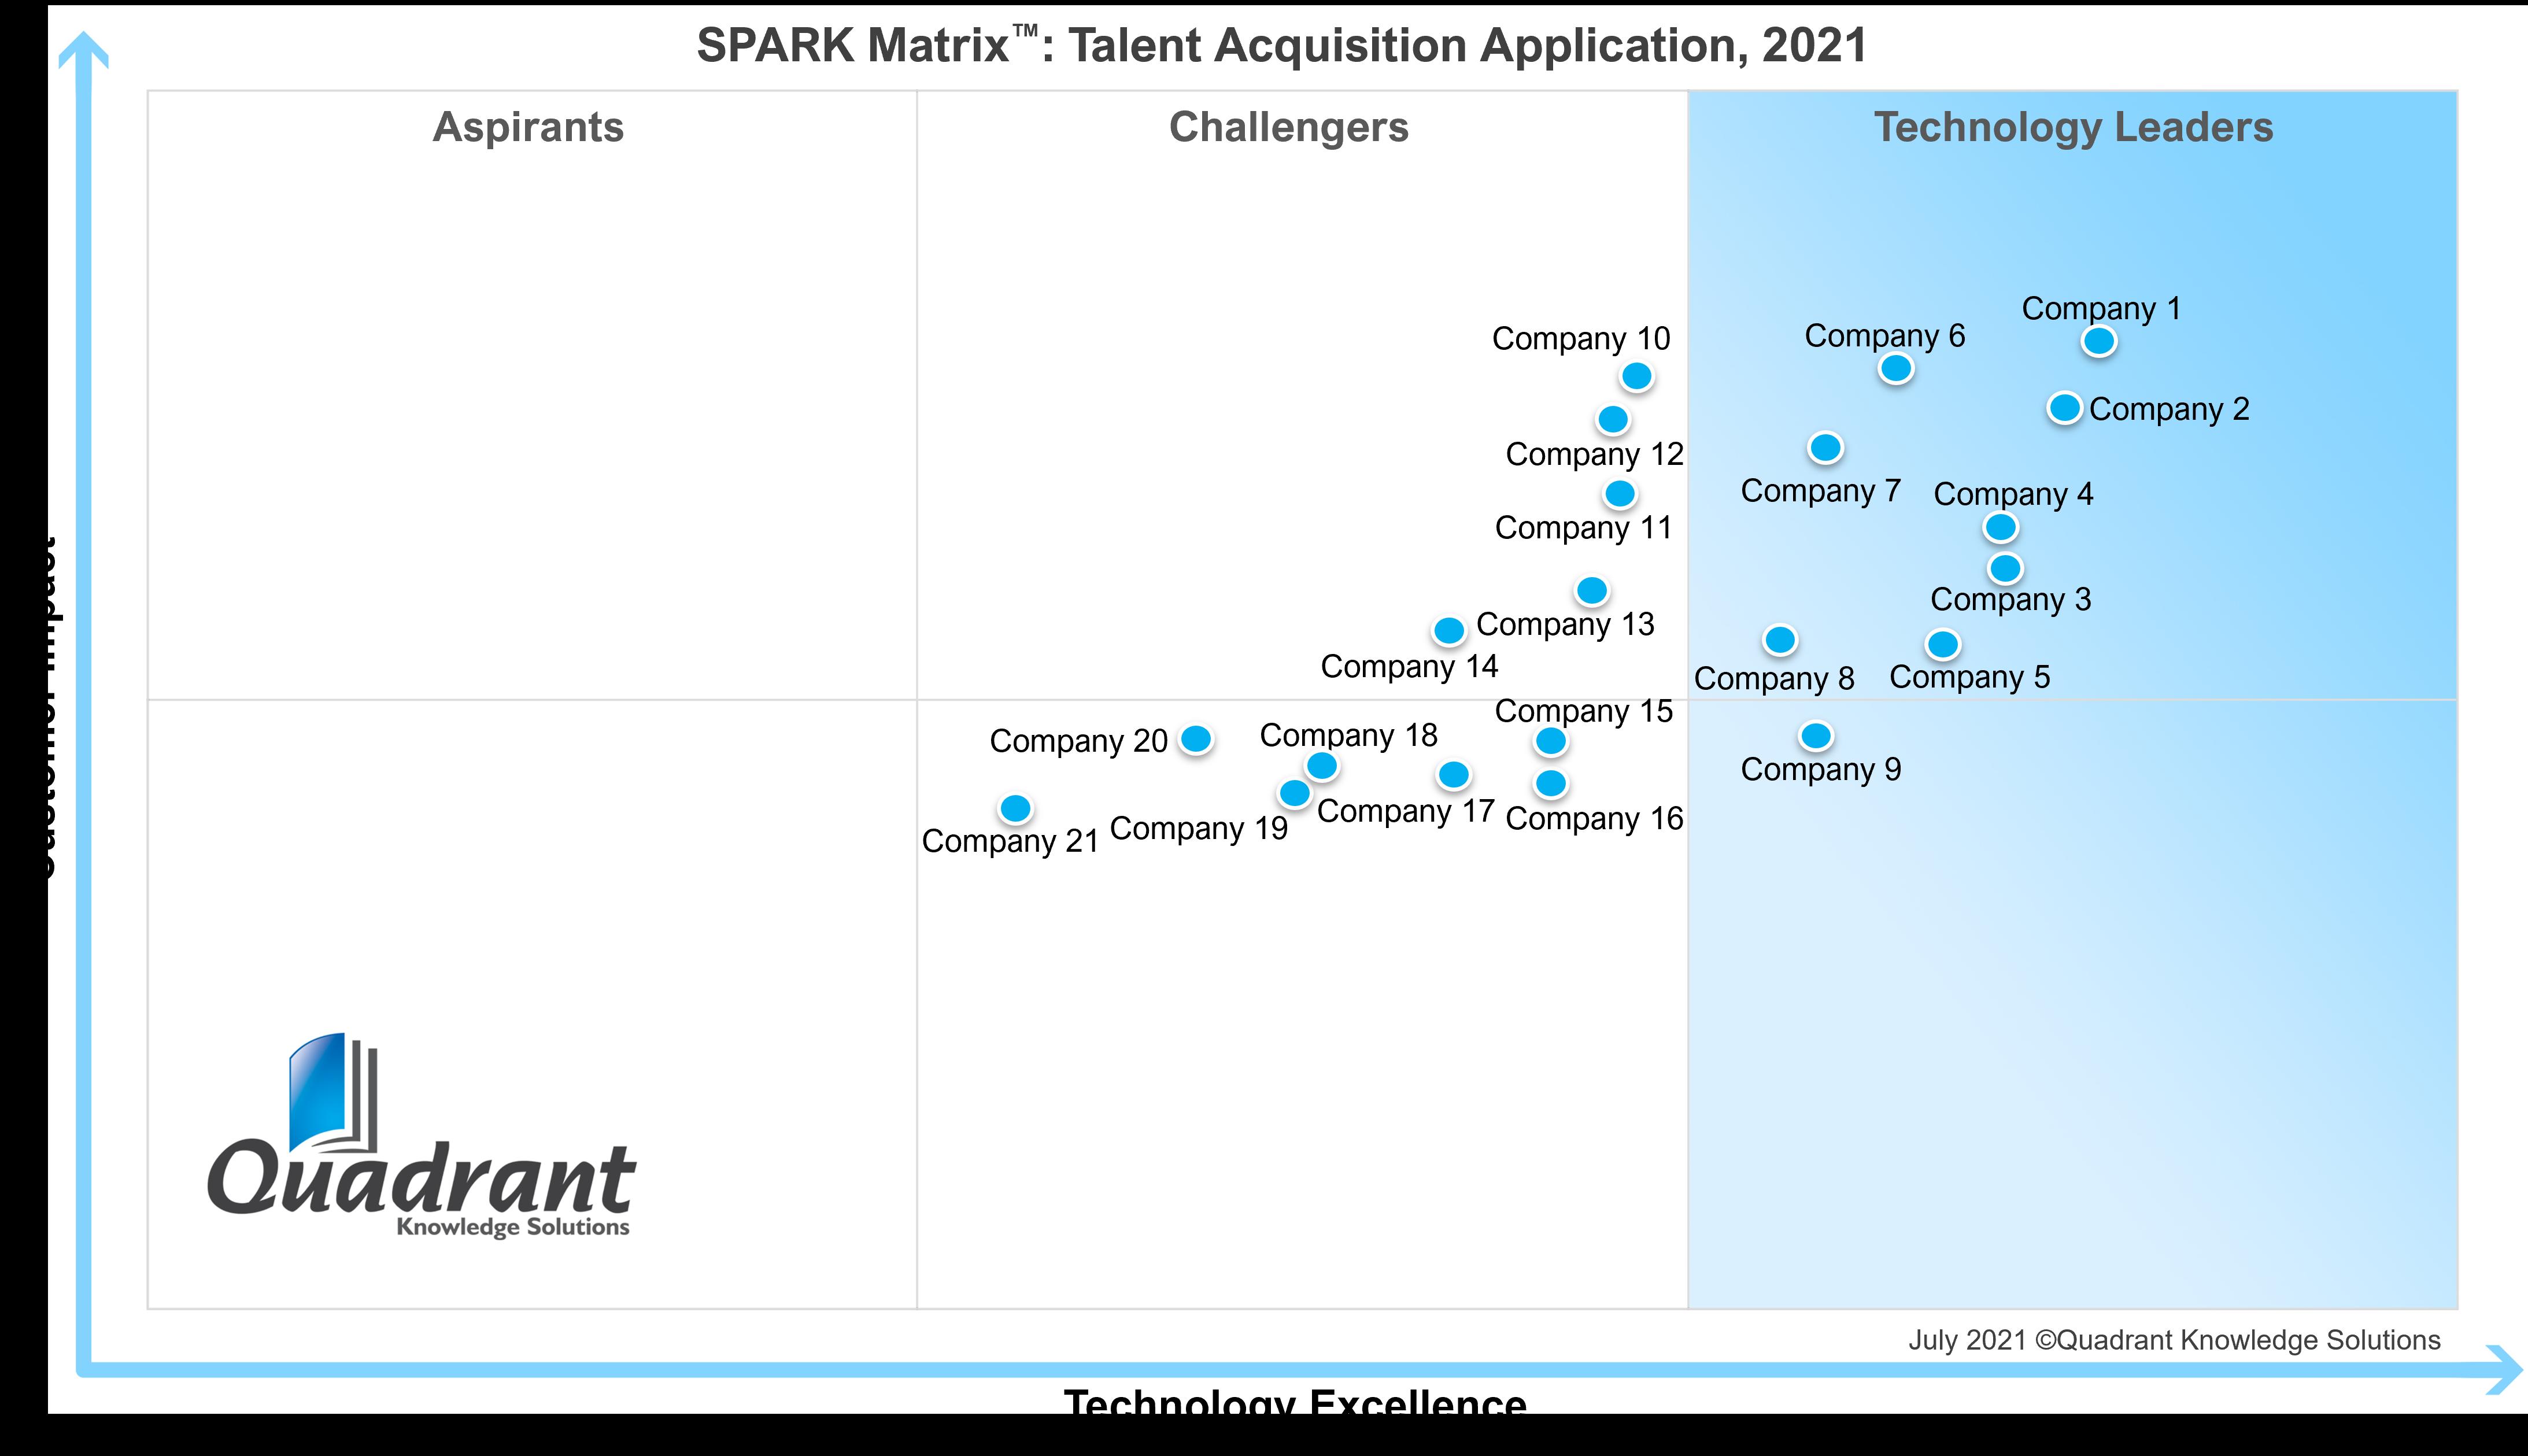 Talent Acquisition Application